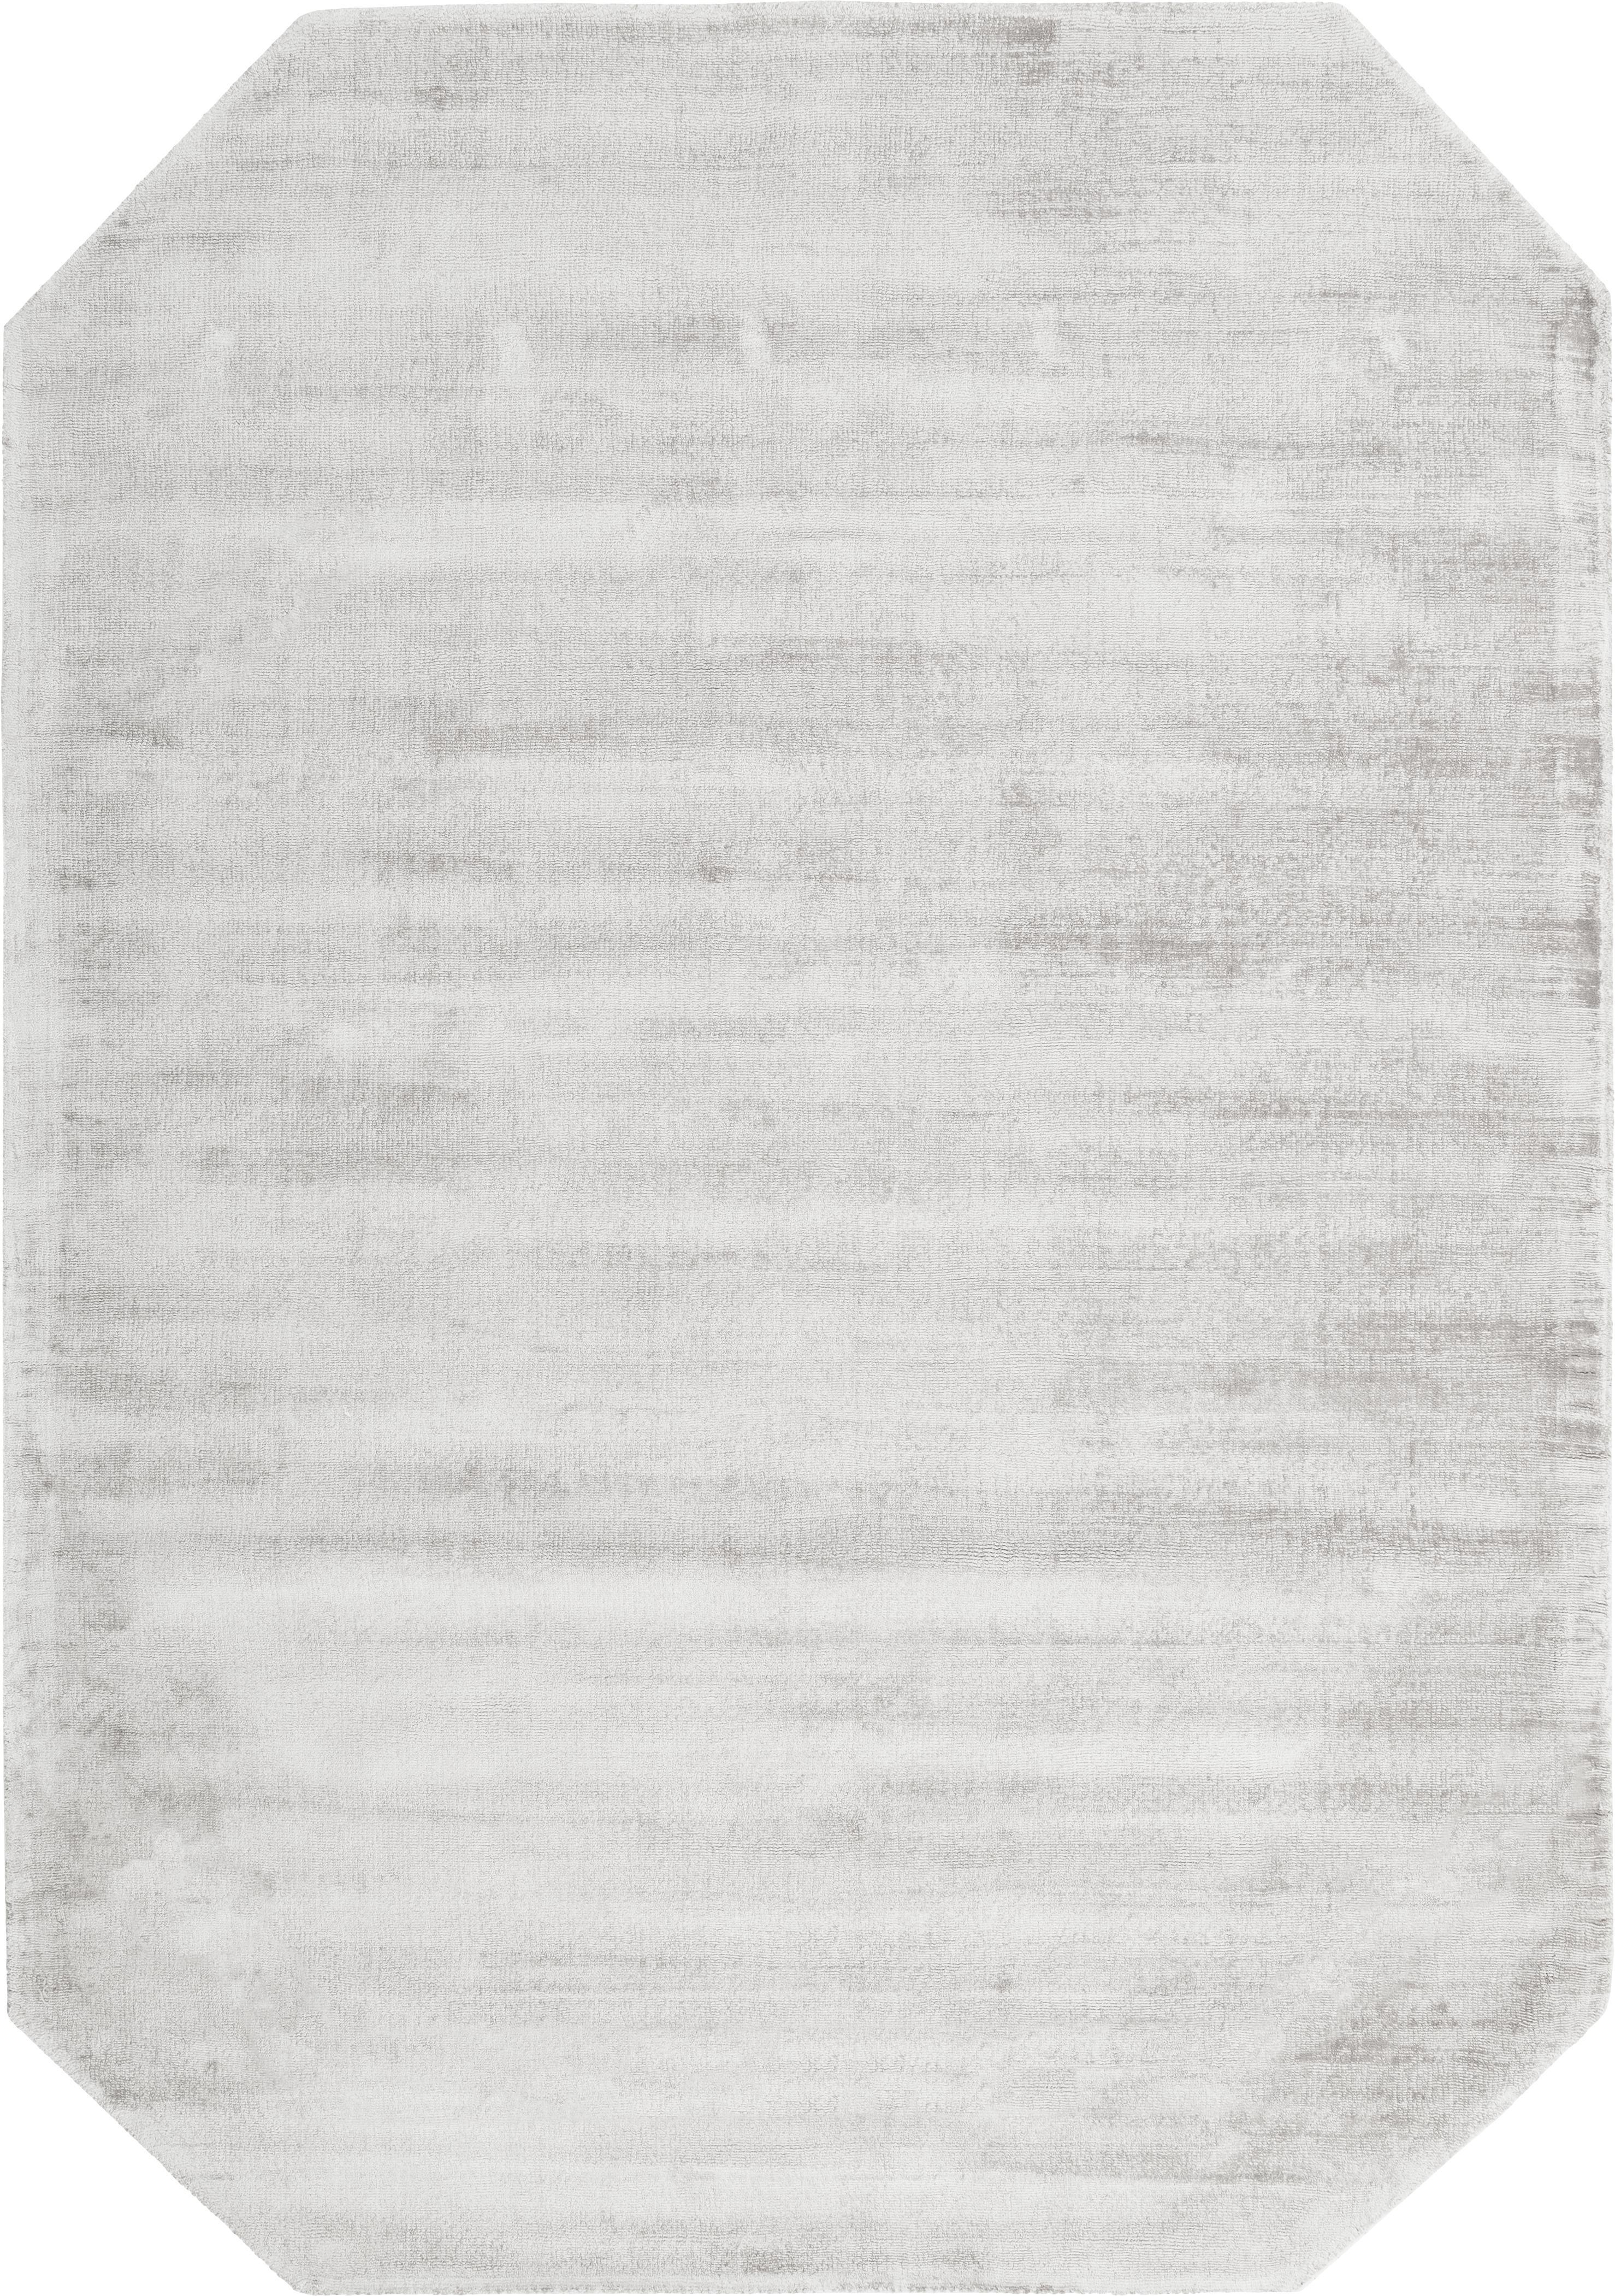 Handgewebter Viskoseteppich Jane Diamond in Hellgrau-Beige, Flor: 100% Viskose, Hellgrau-Beige, B 160 x L 230 cm (Grösse M)